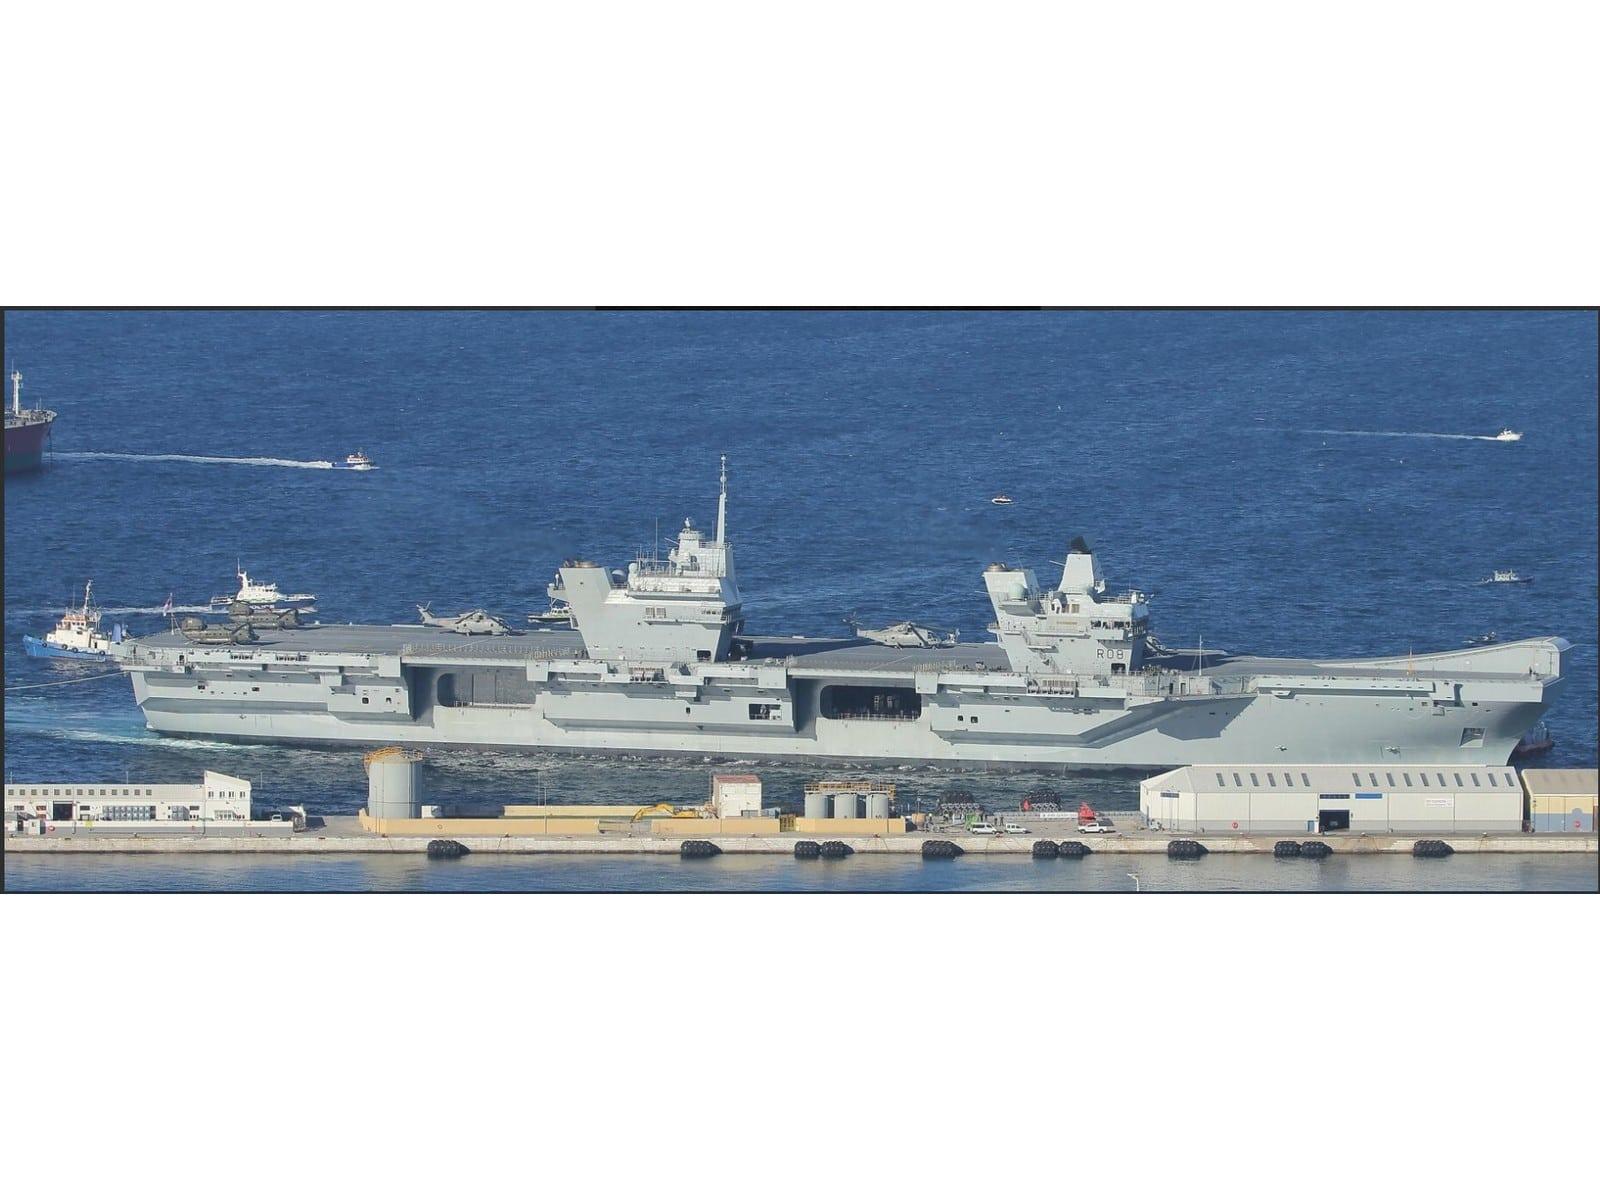 portaaviones-hms-queen-elizabeth-fondeado-en-el-puerto-de-gibraltar-1_40133905072_o